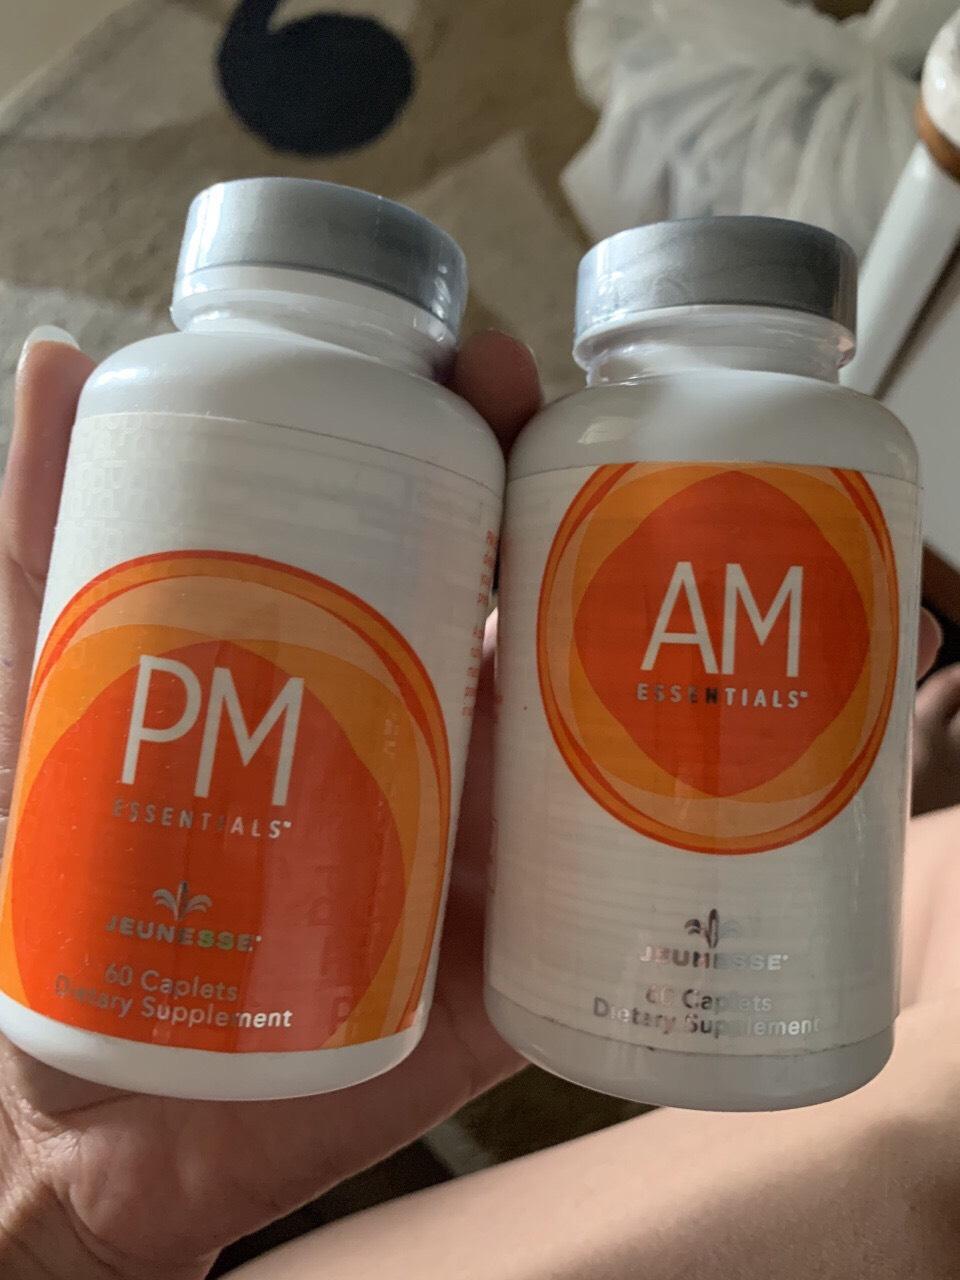 Trong đó, viên uống AM Essentials™ giúp bổ sung nguồn năng lượng cho các hoạt động vào ban ngày và cải thiện trí não. Còn với viên uống PM Essentials™ giúp bạn có một giấc ngủ thoải mái, thư thái vào ban đêm. Từ đó, giúp đẩy nhanh quá trình duy trì và tái tạo tế bào.